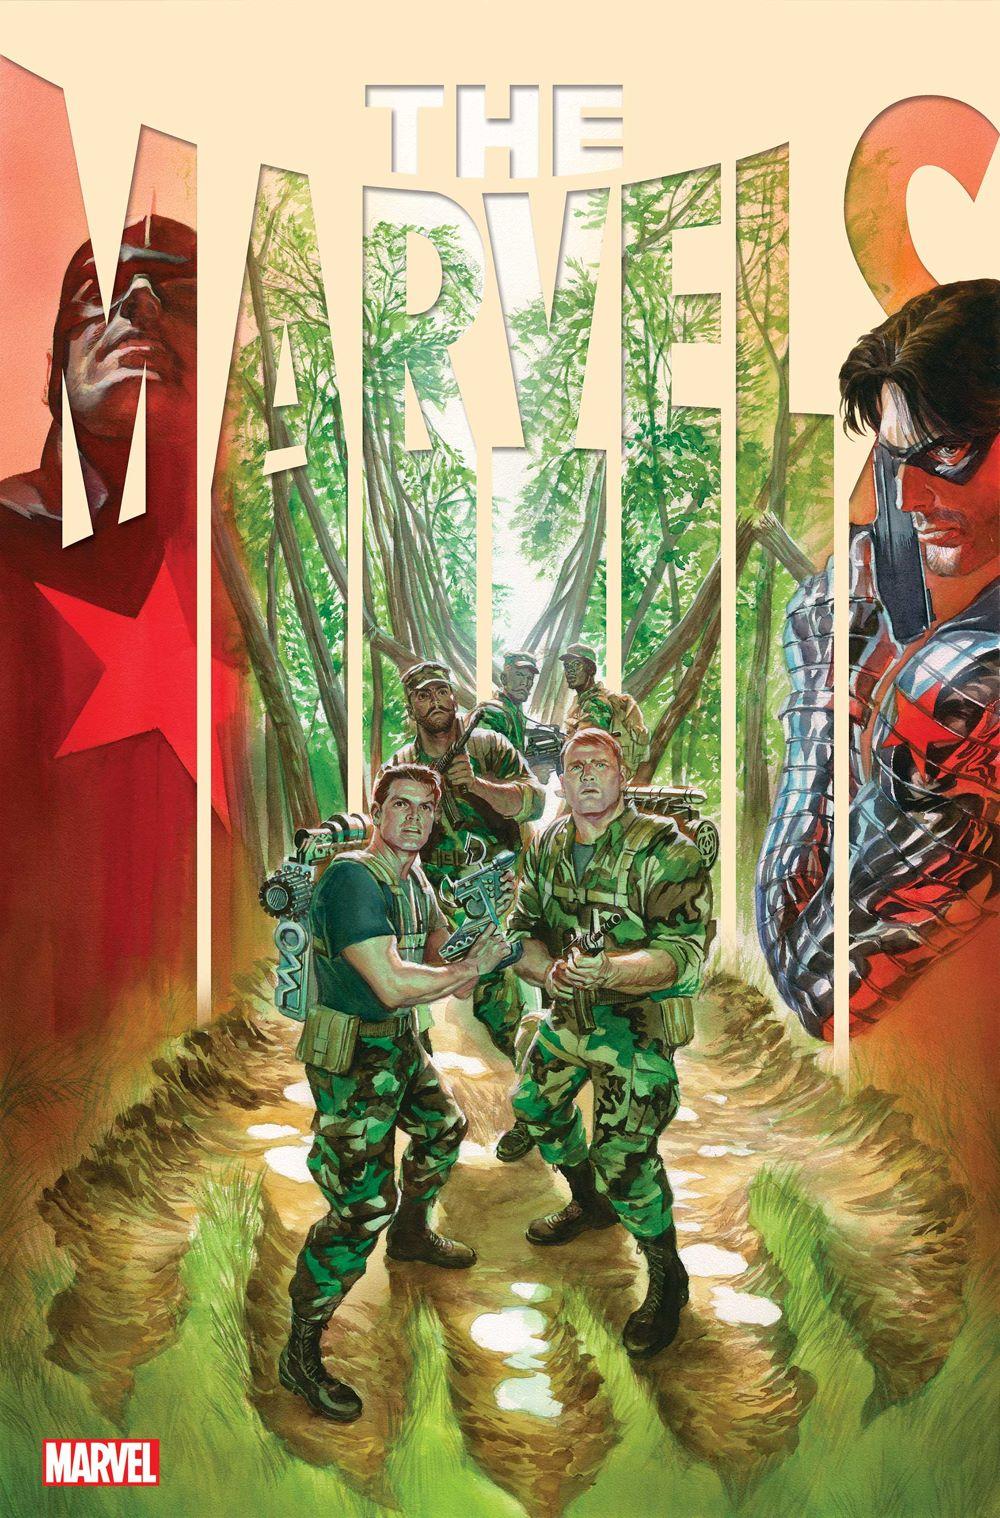 MAR20201003_Cov Marvel Comics June 2021 Solicitations